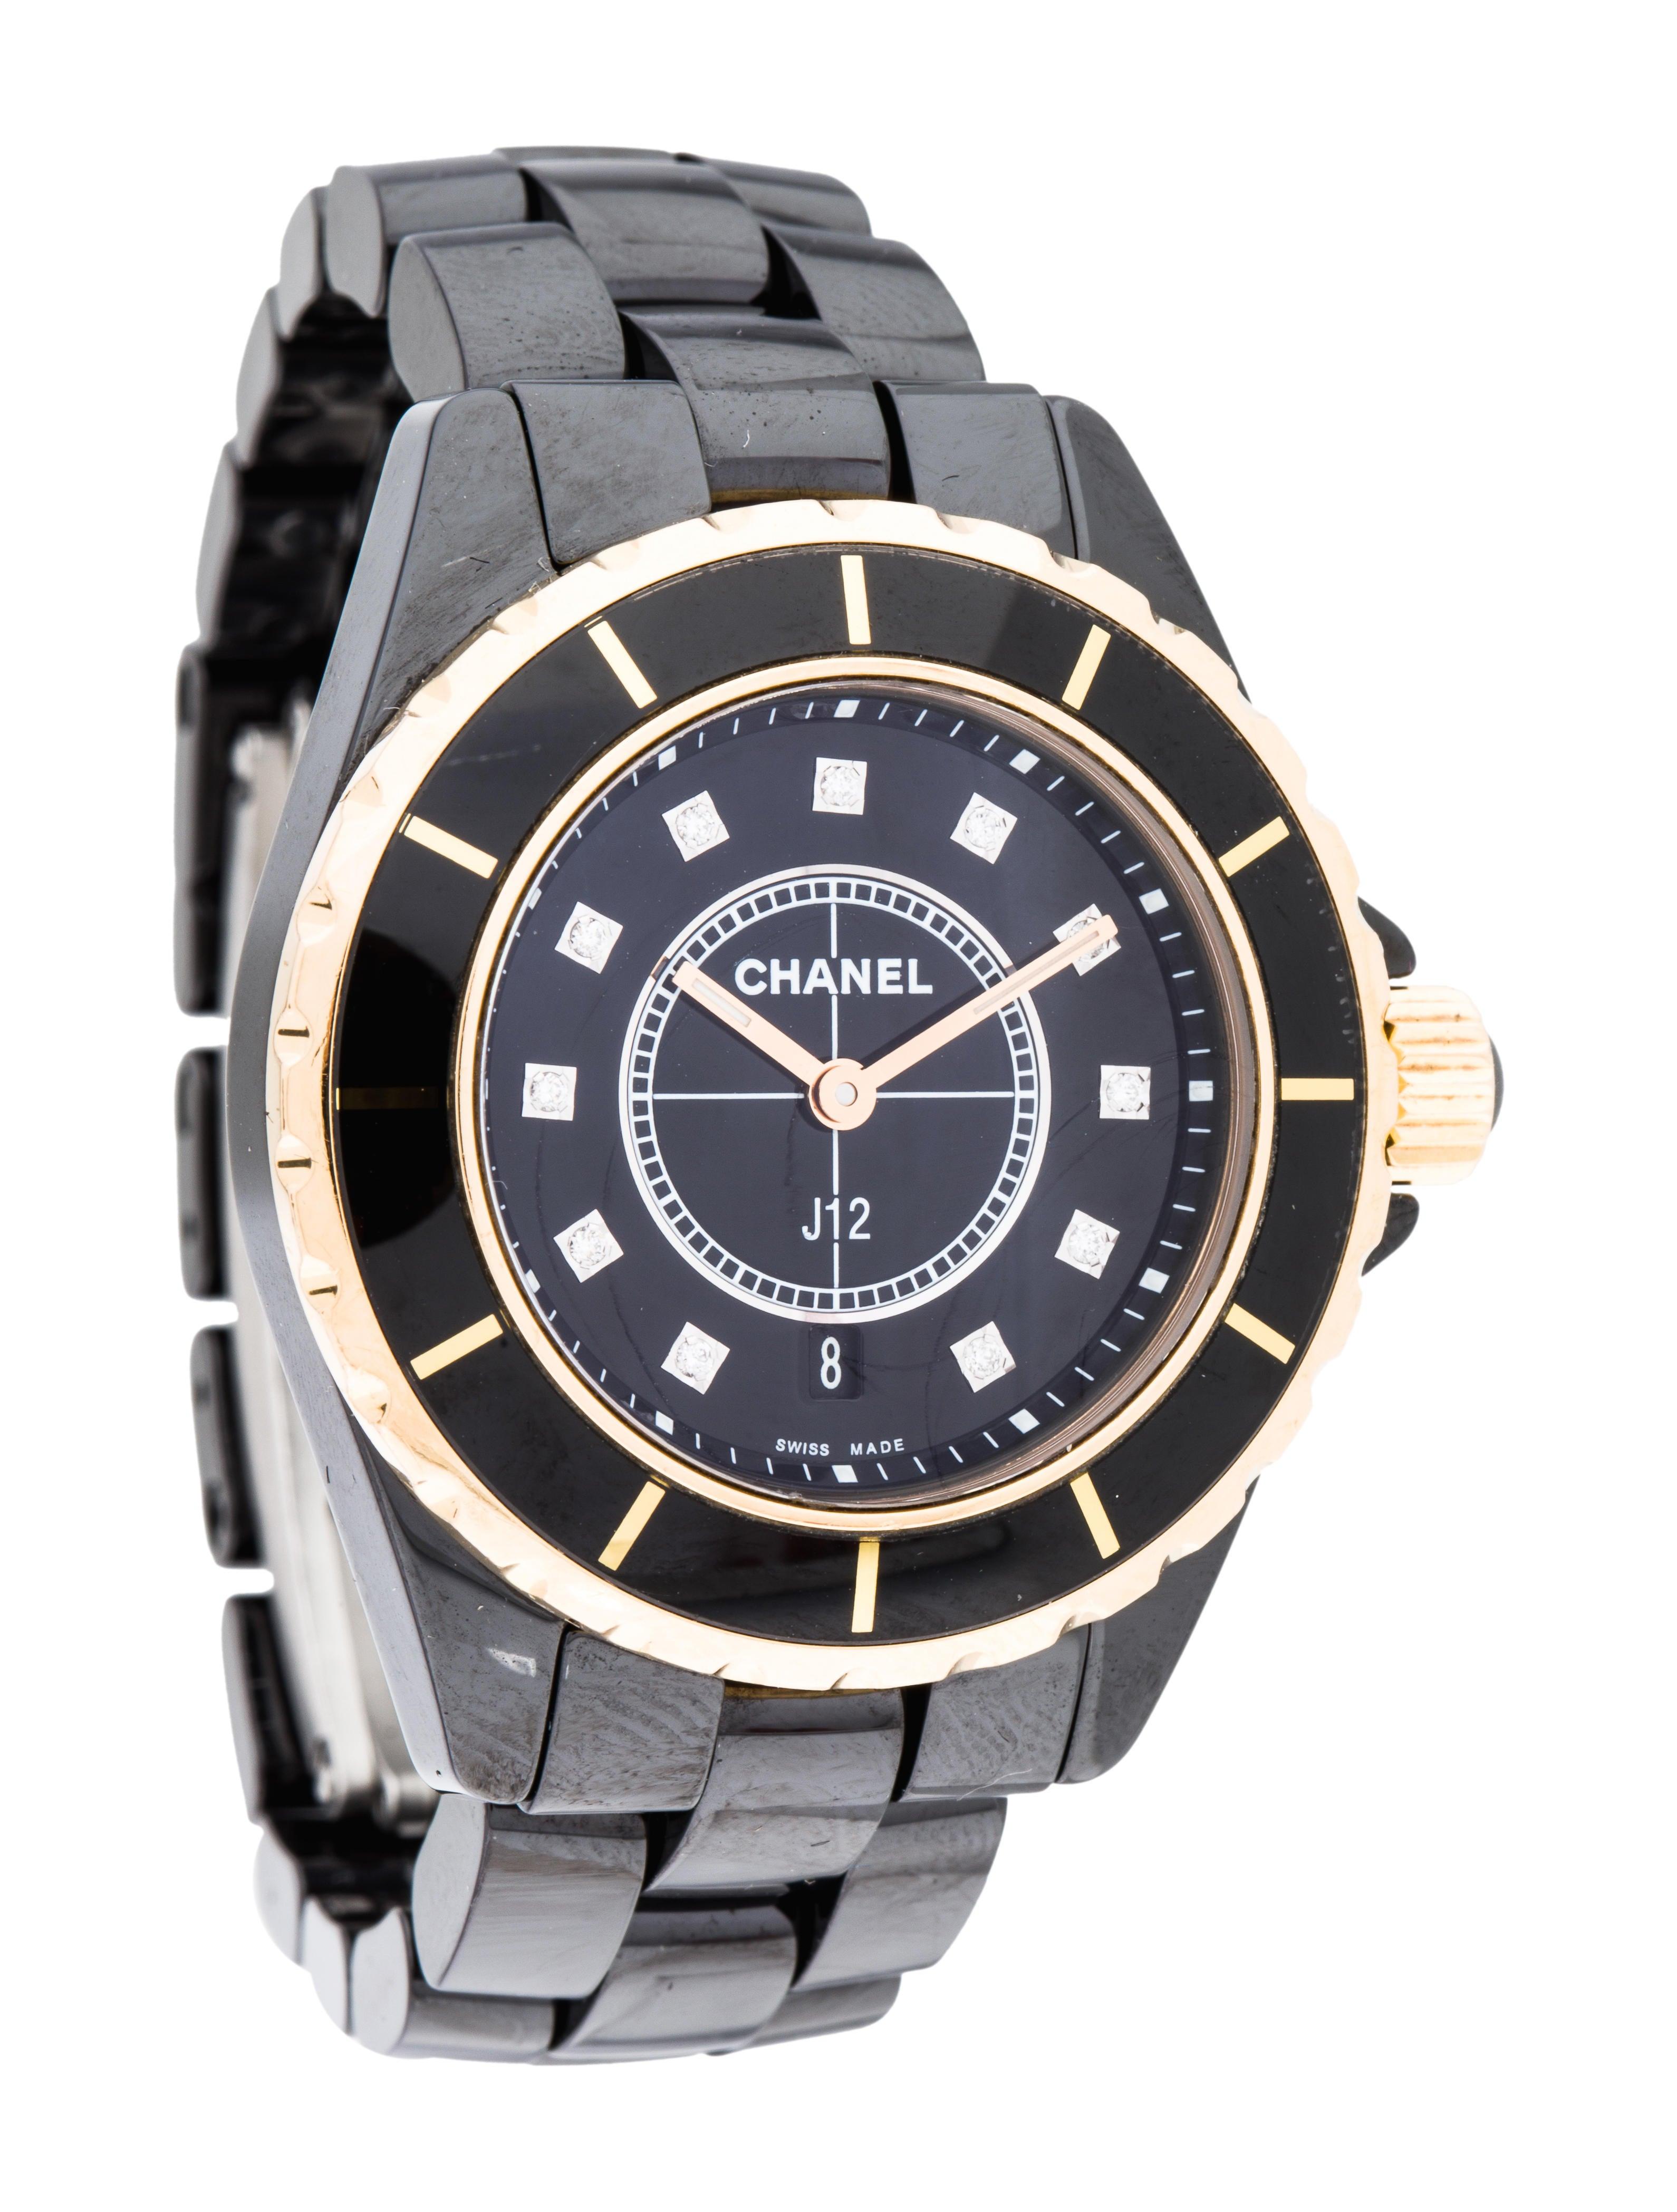 cheaper 0cc4e 78a59 J12 Watch